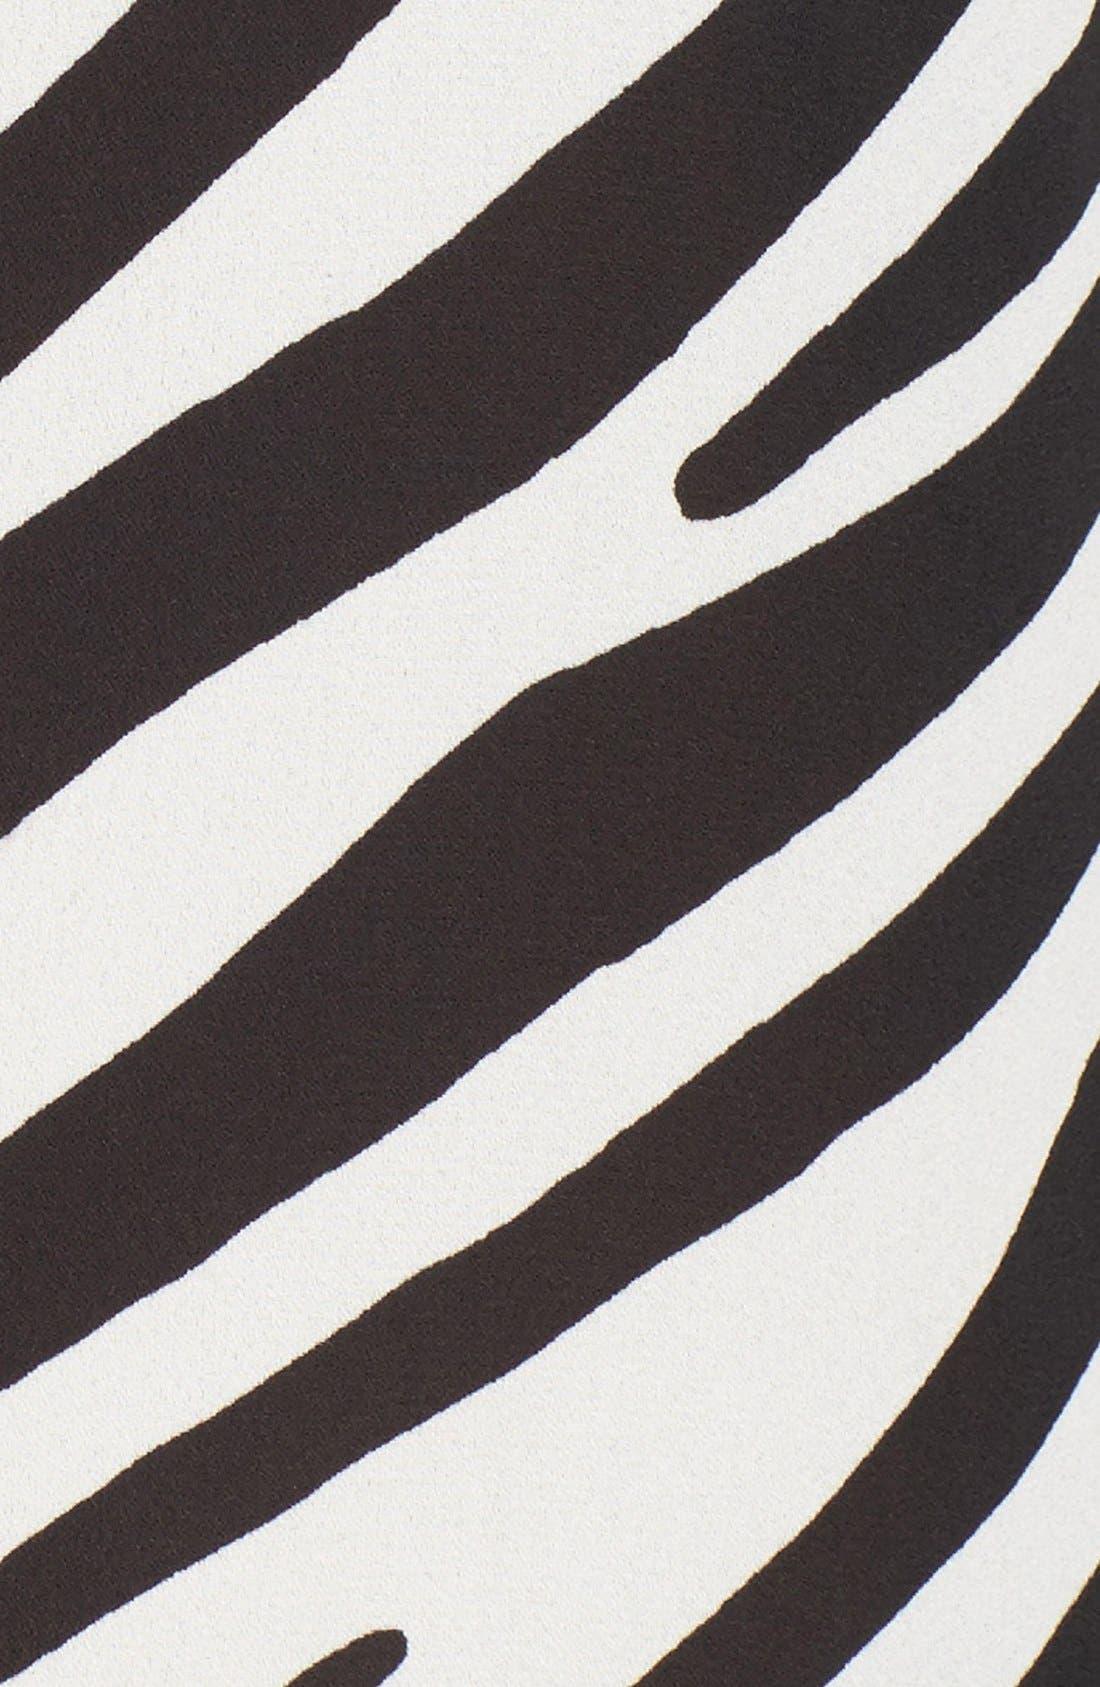 Zebra Stripe Long Sleeve Blouse,                             Alternate thumbnail 5, color,                             006